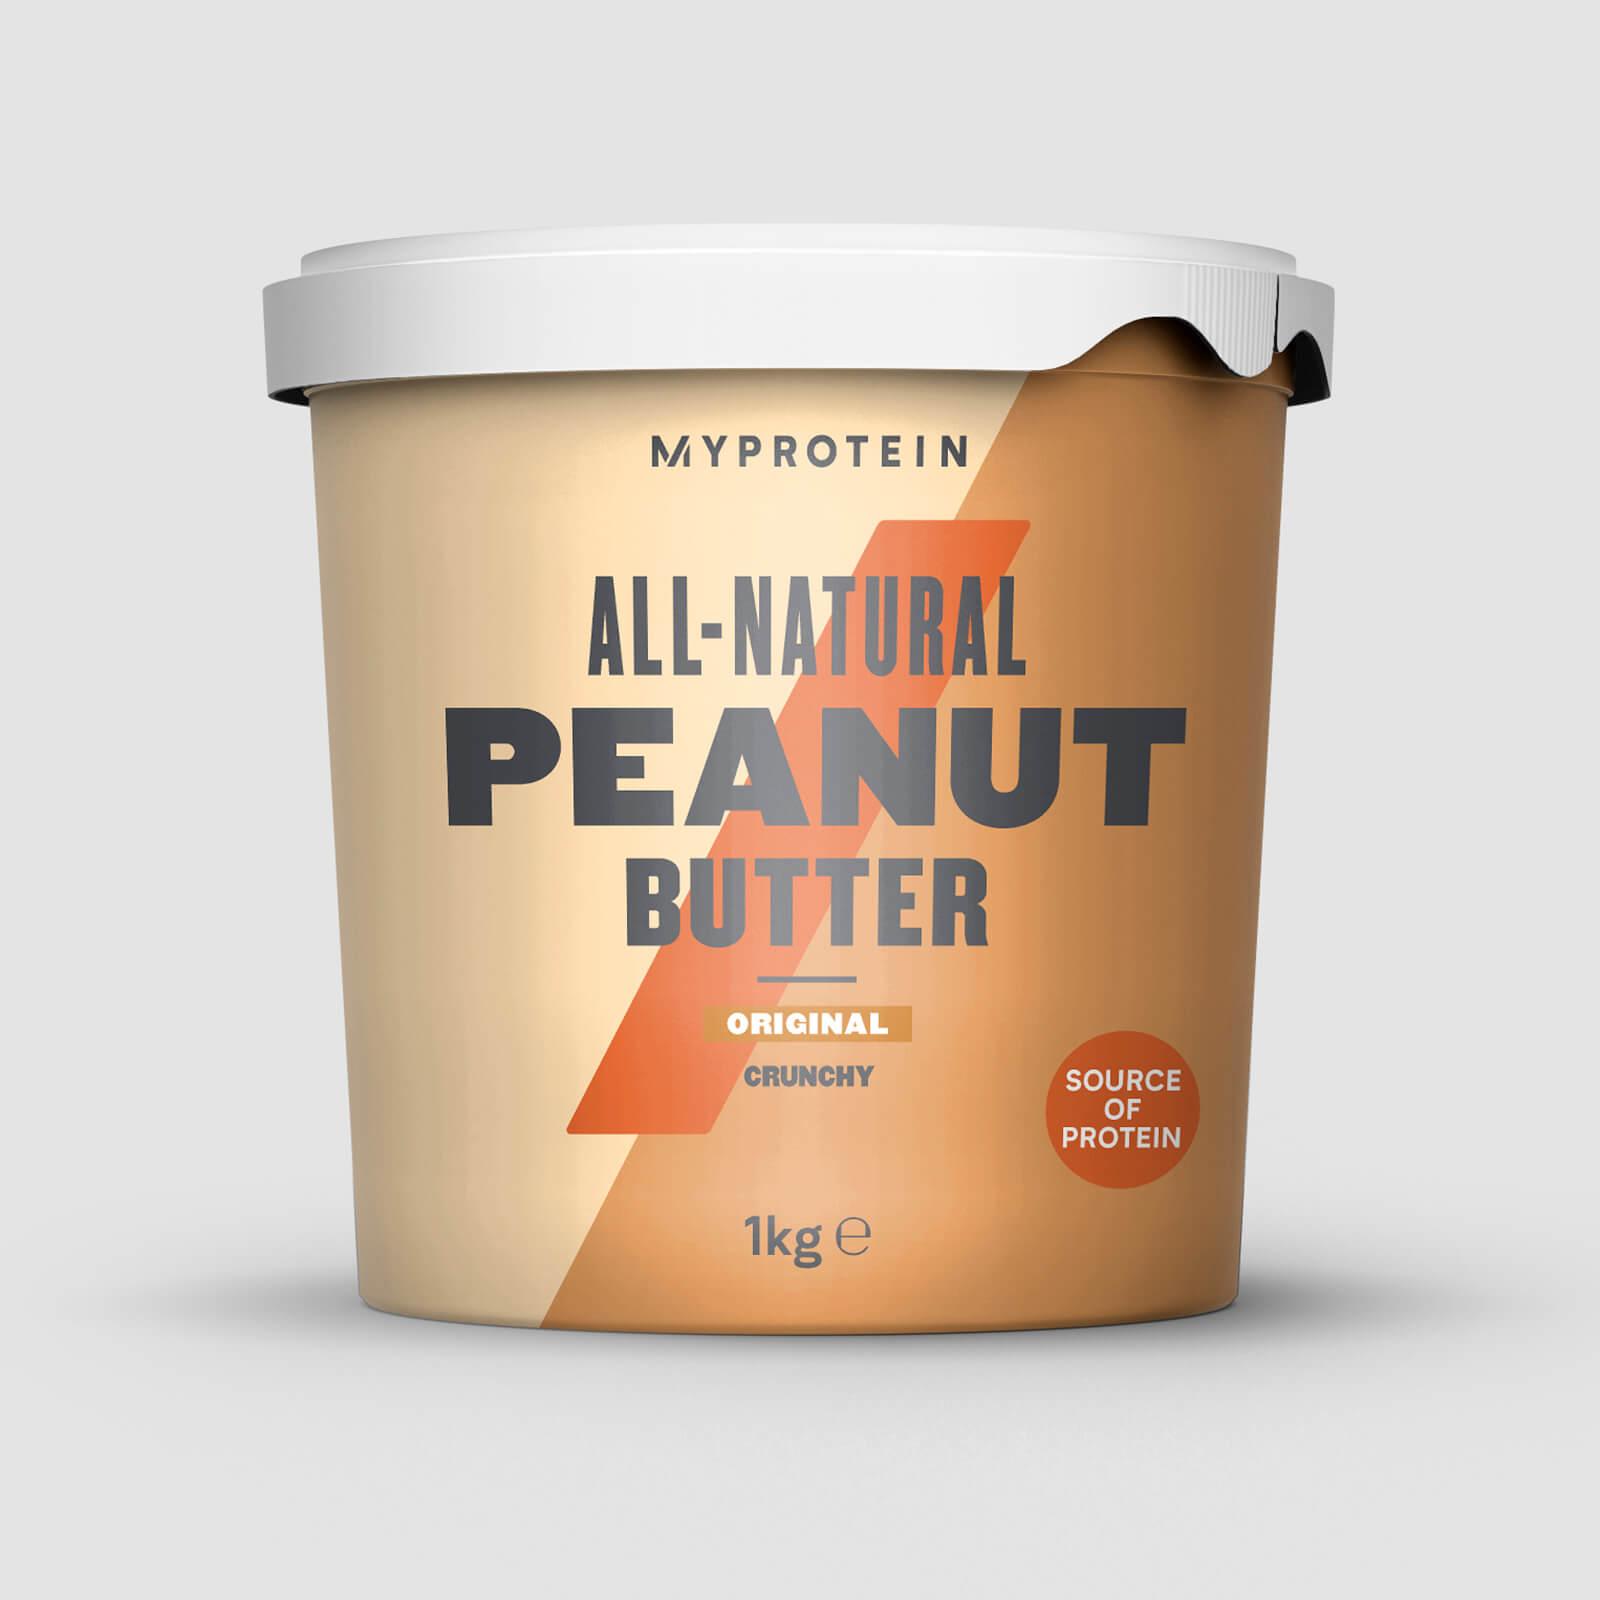 Myprotein Irland: 1kg Erdnussbutter für 5,66€ inklusive Versand